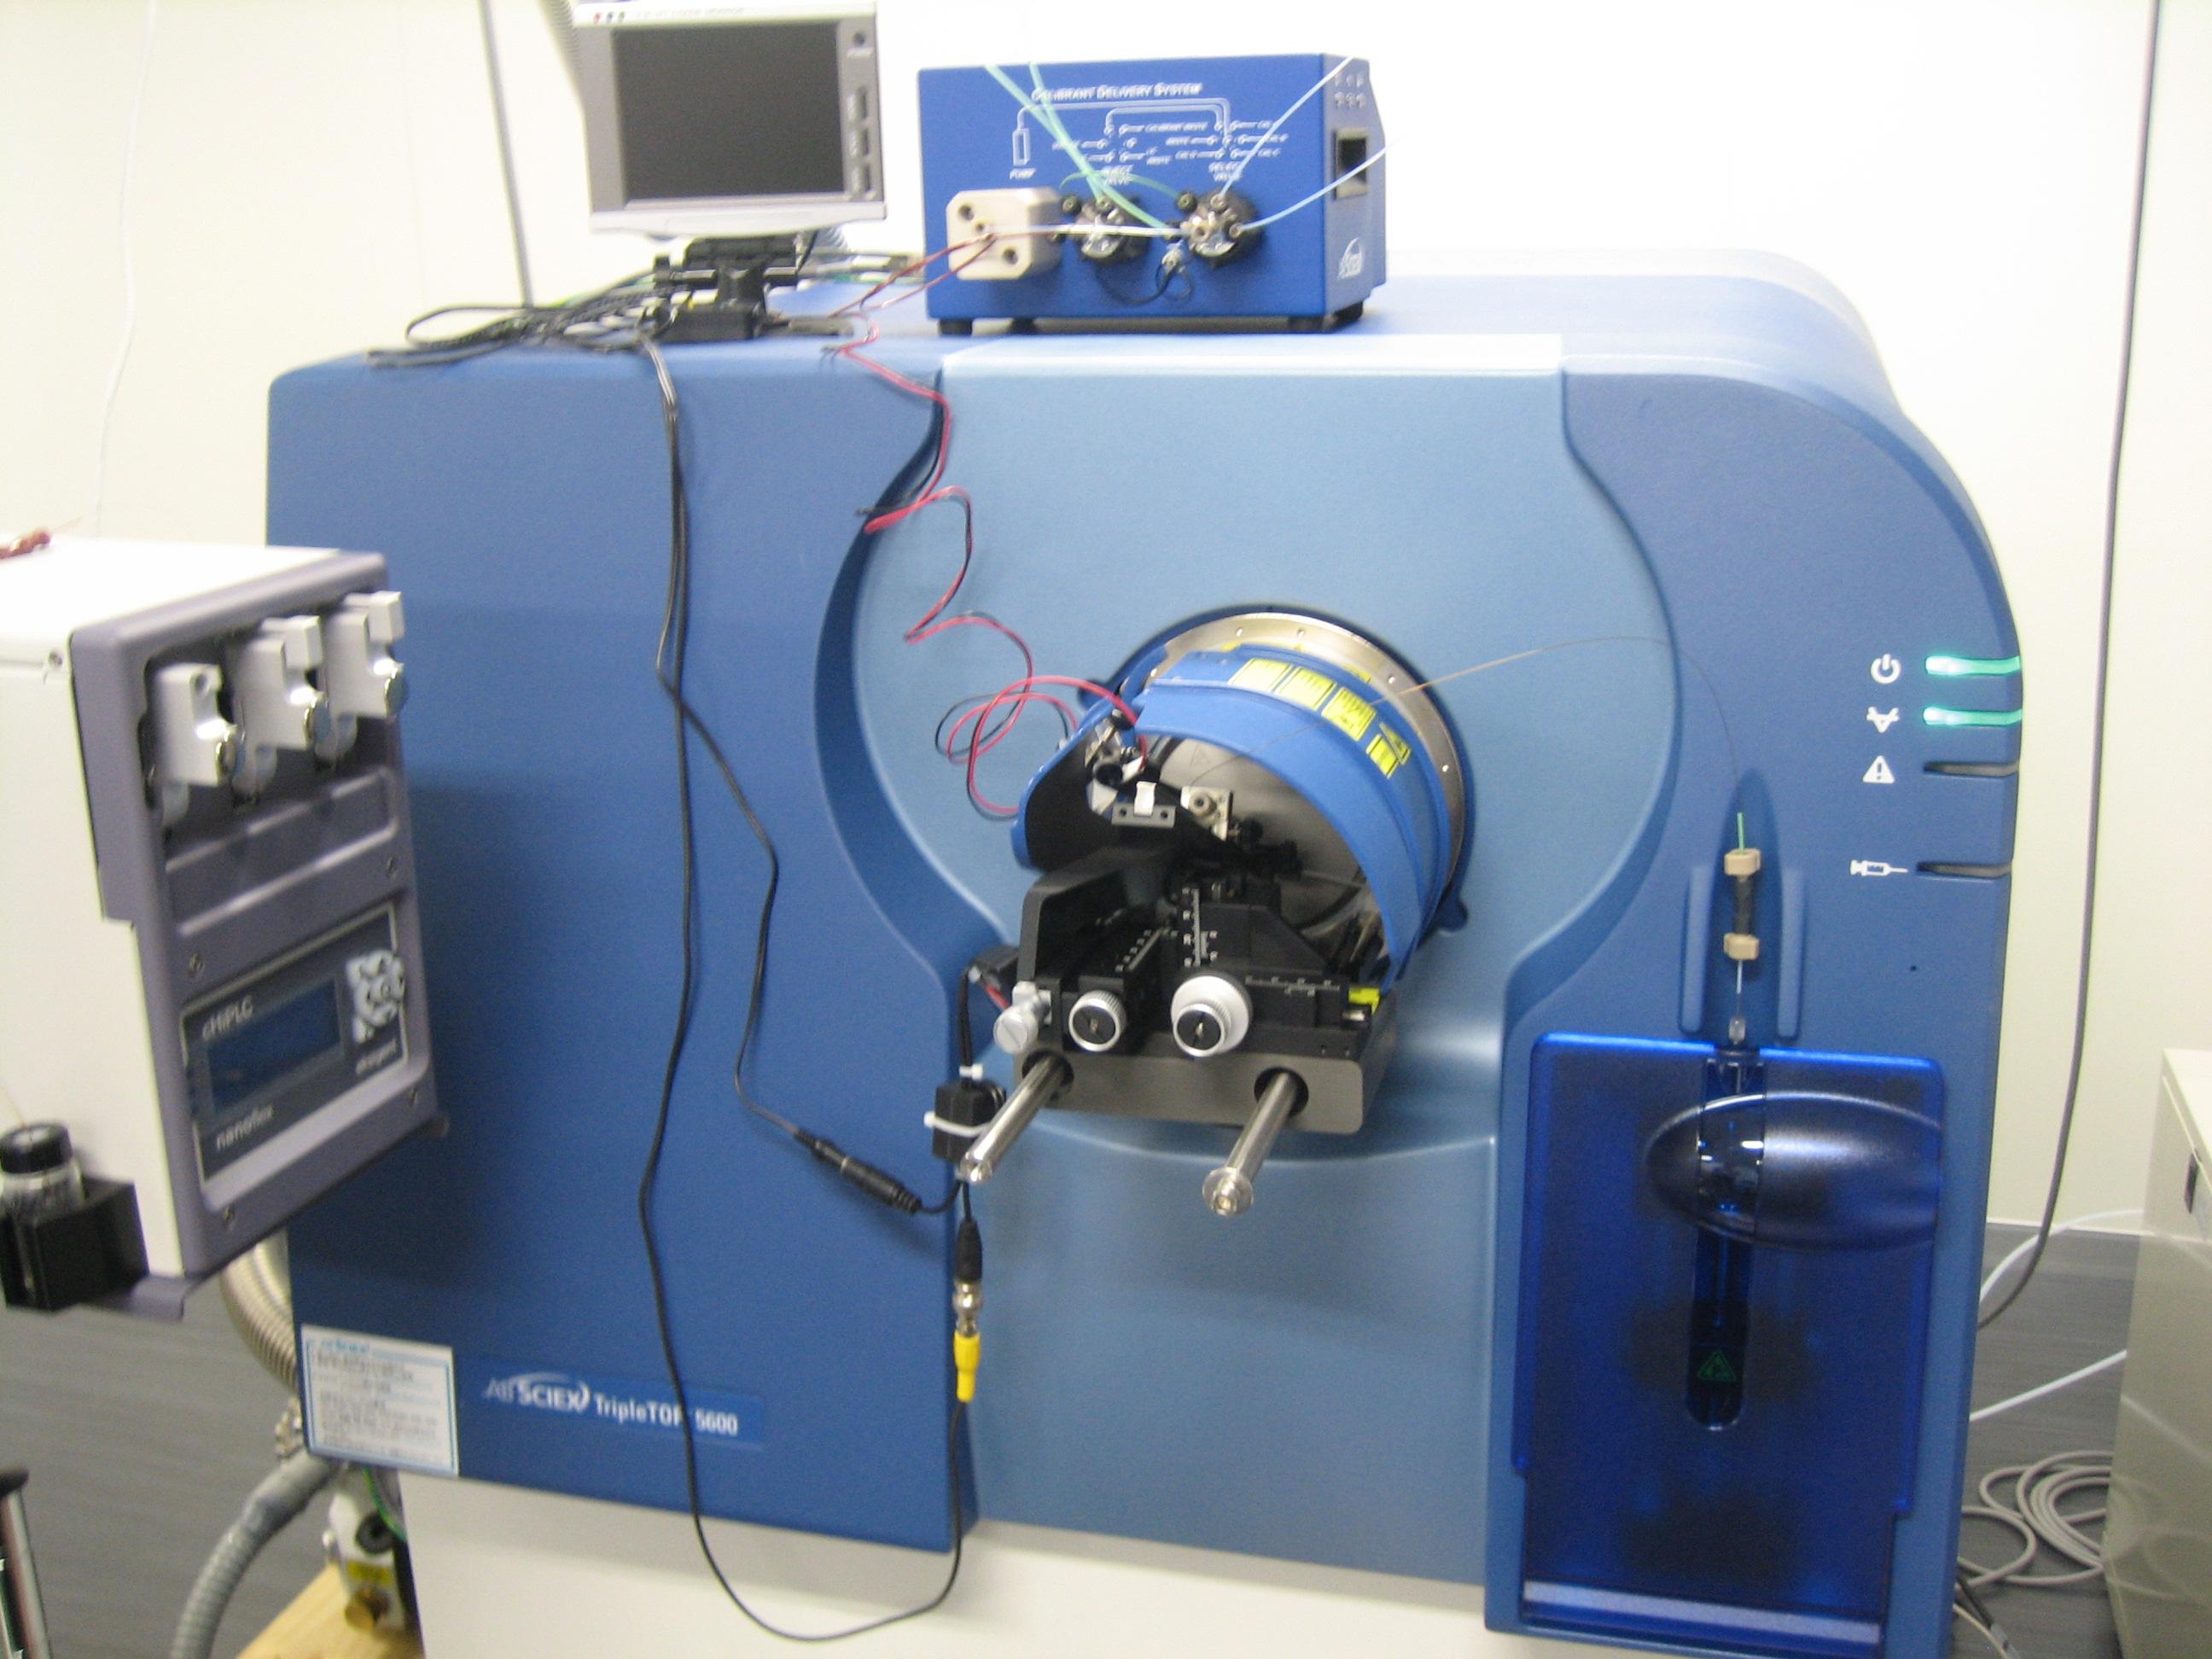 [042] 生体低分子測定装置 組織プロテオーム解析装置 画像